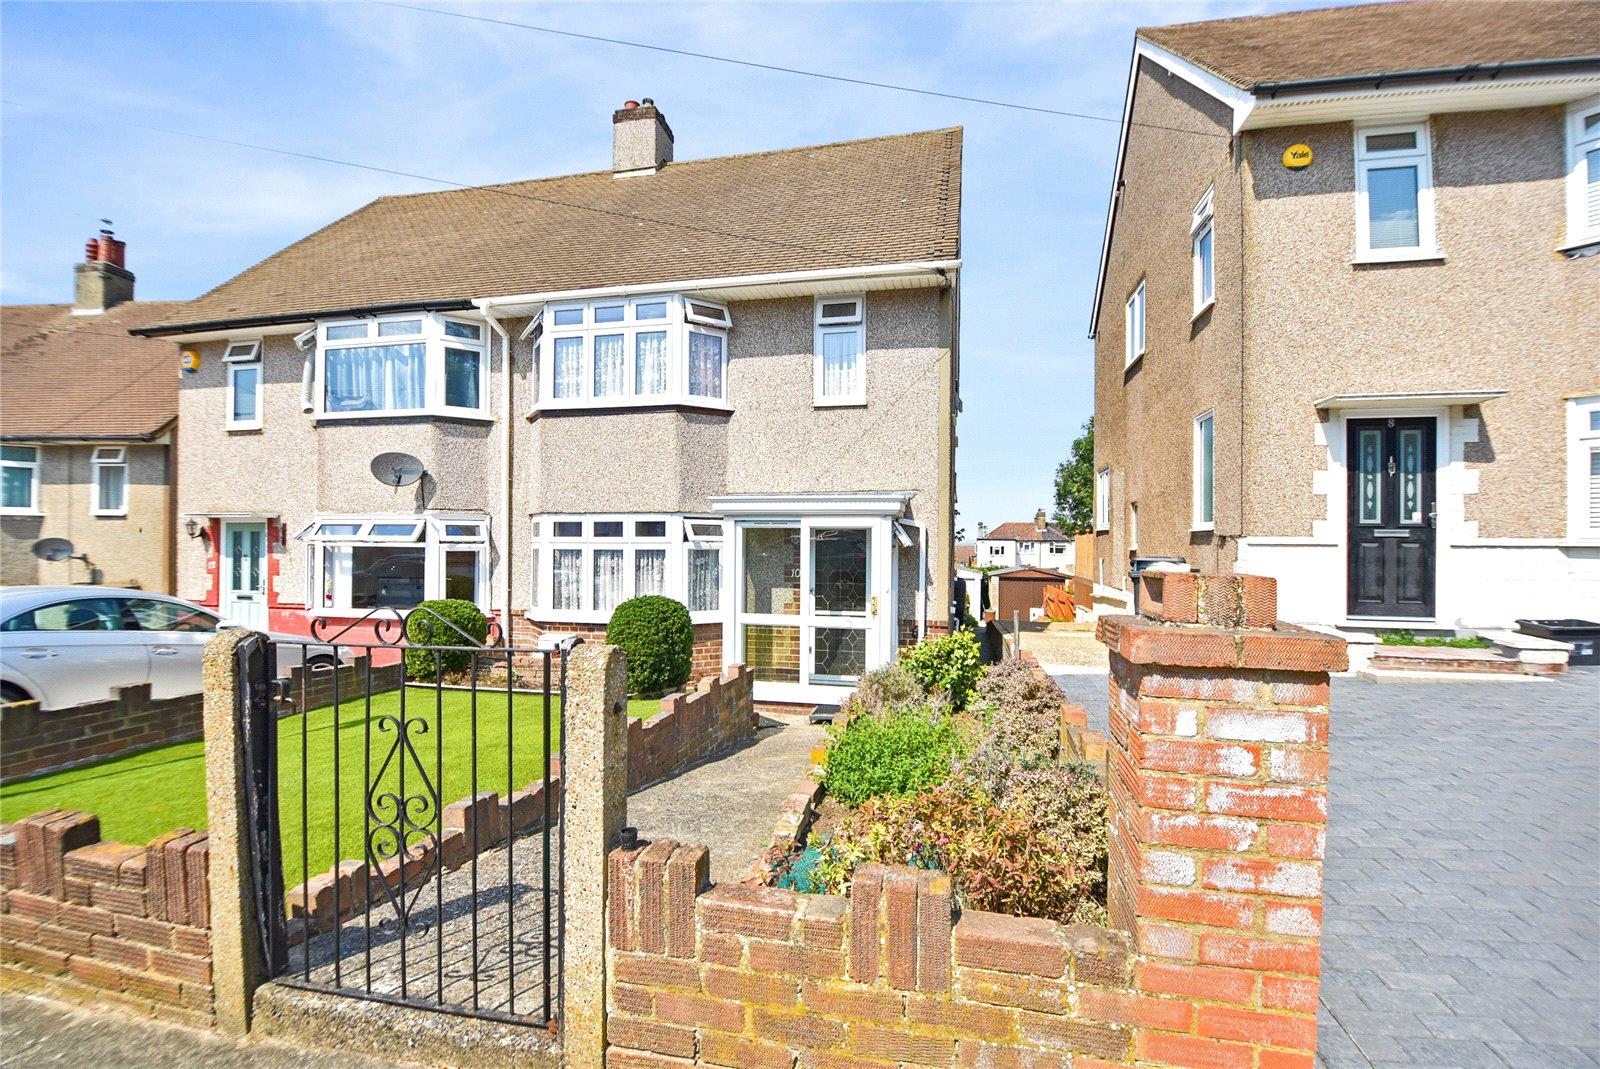 Tudor Close, West Dartford, Kent, DA1